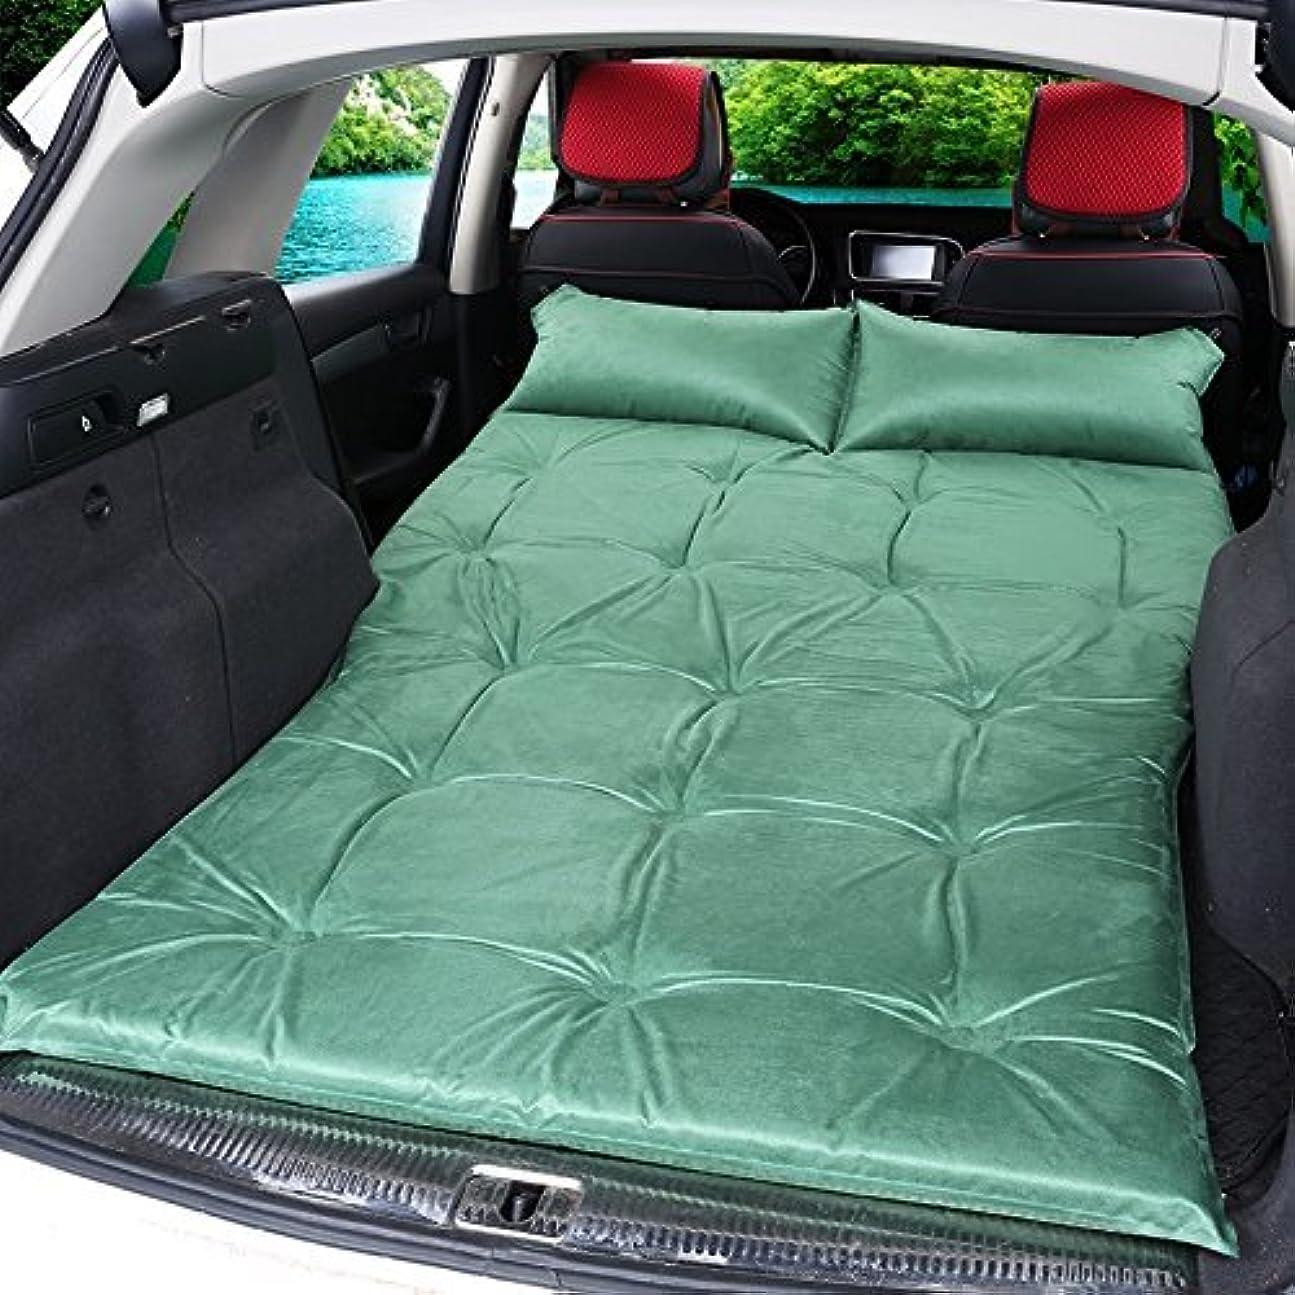 ブロー反射ルーチン車の衝撃のベッド車の旅行ベッドの自動膨脹可能なマットレス車の屋外のキャンプパッドのオフロード車の寝台パッドのベッド